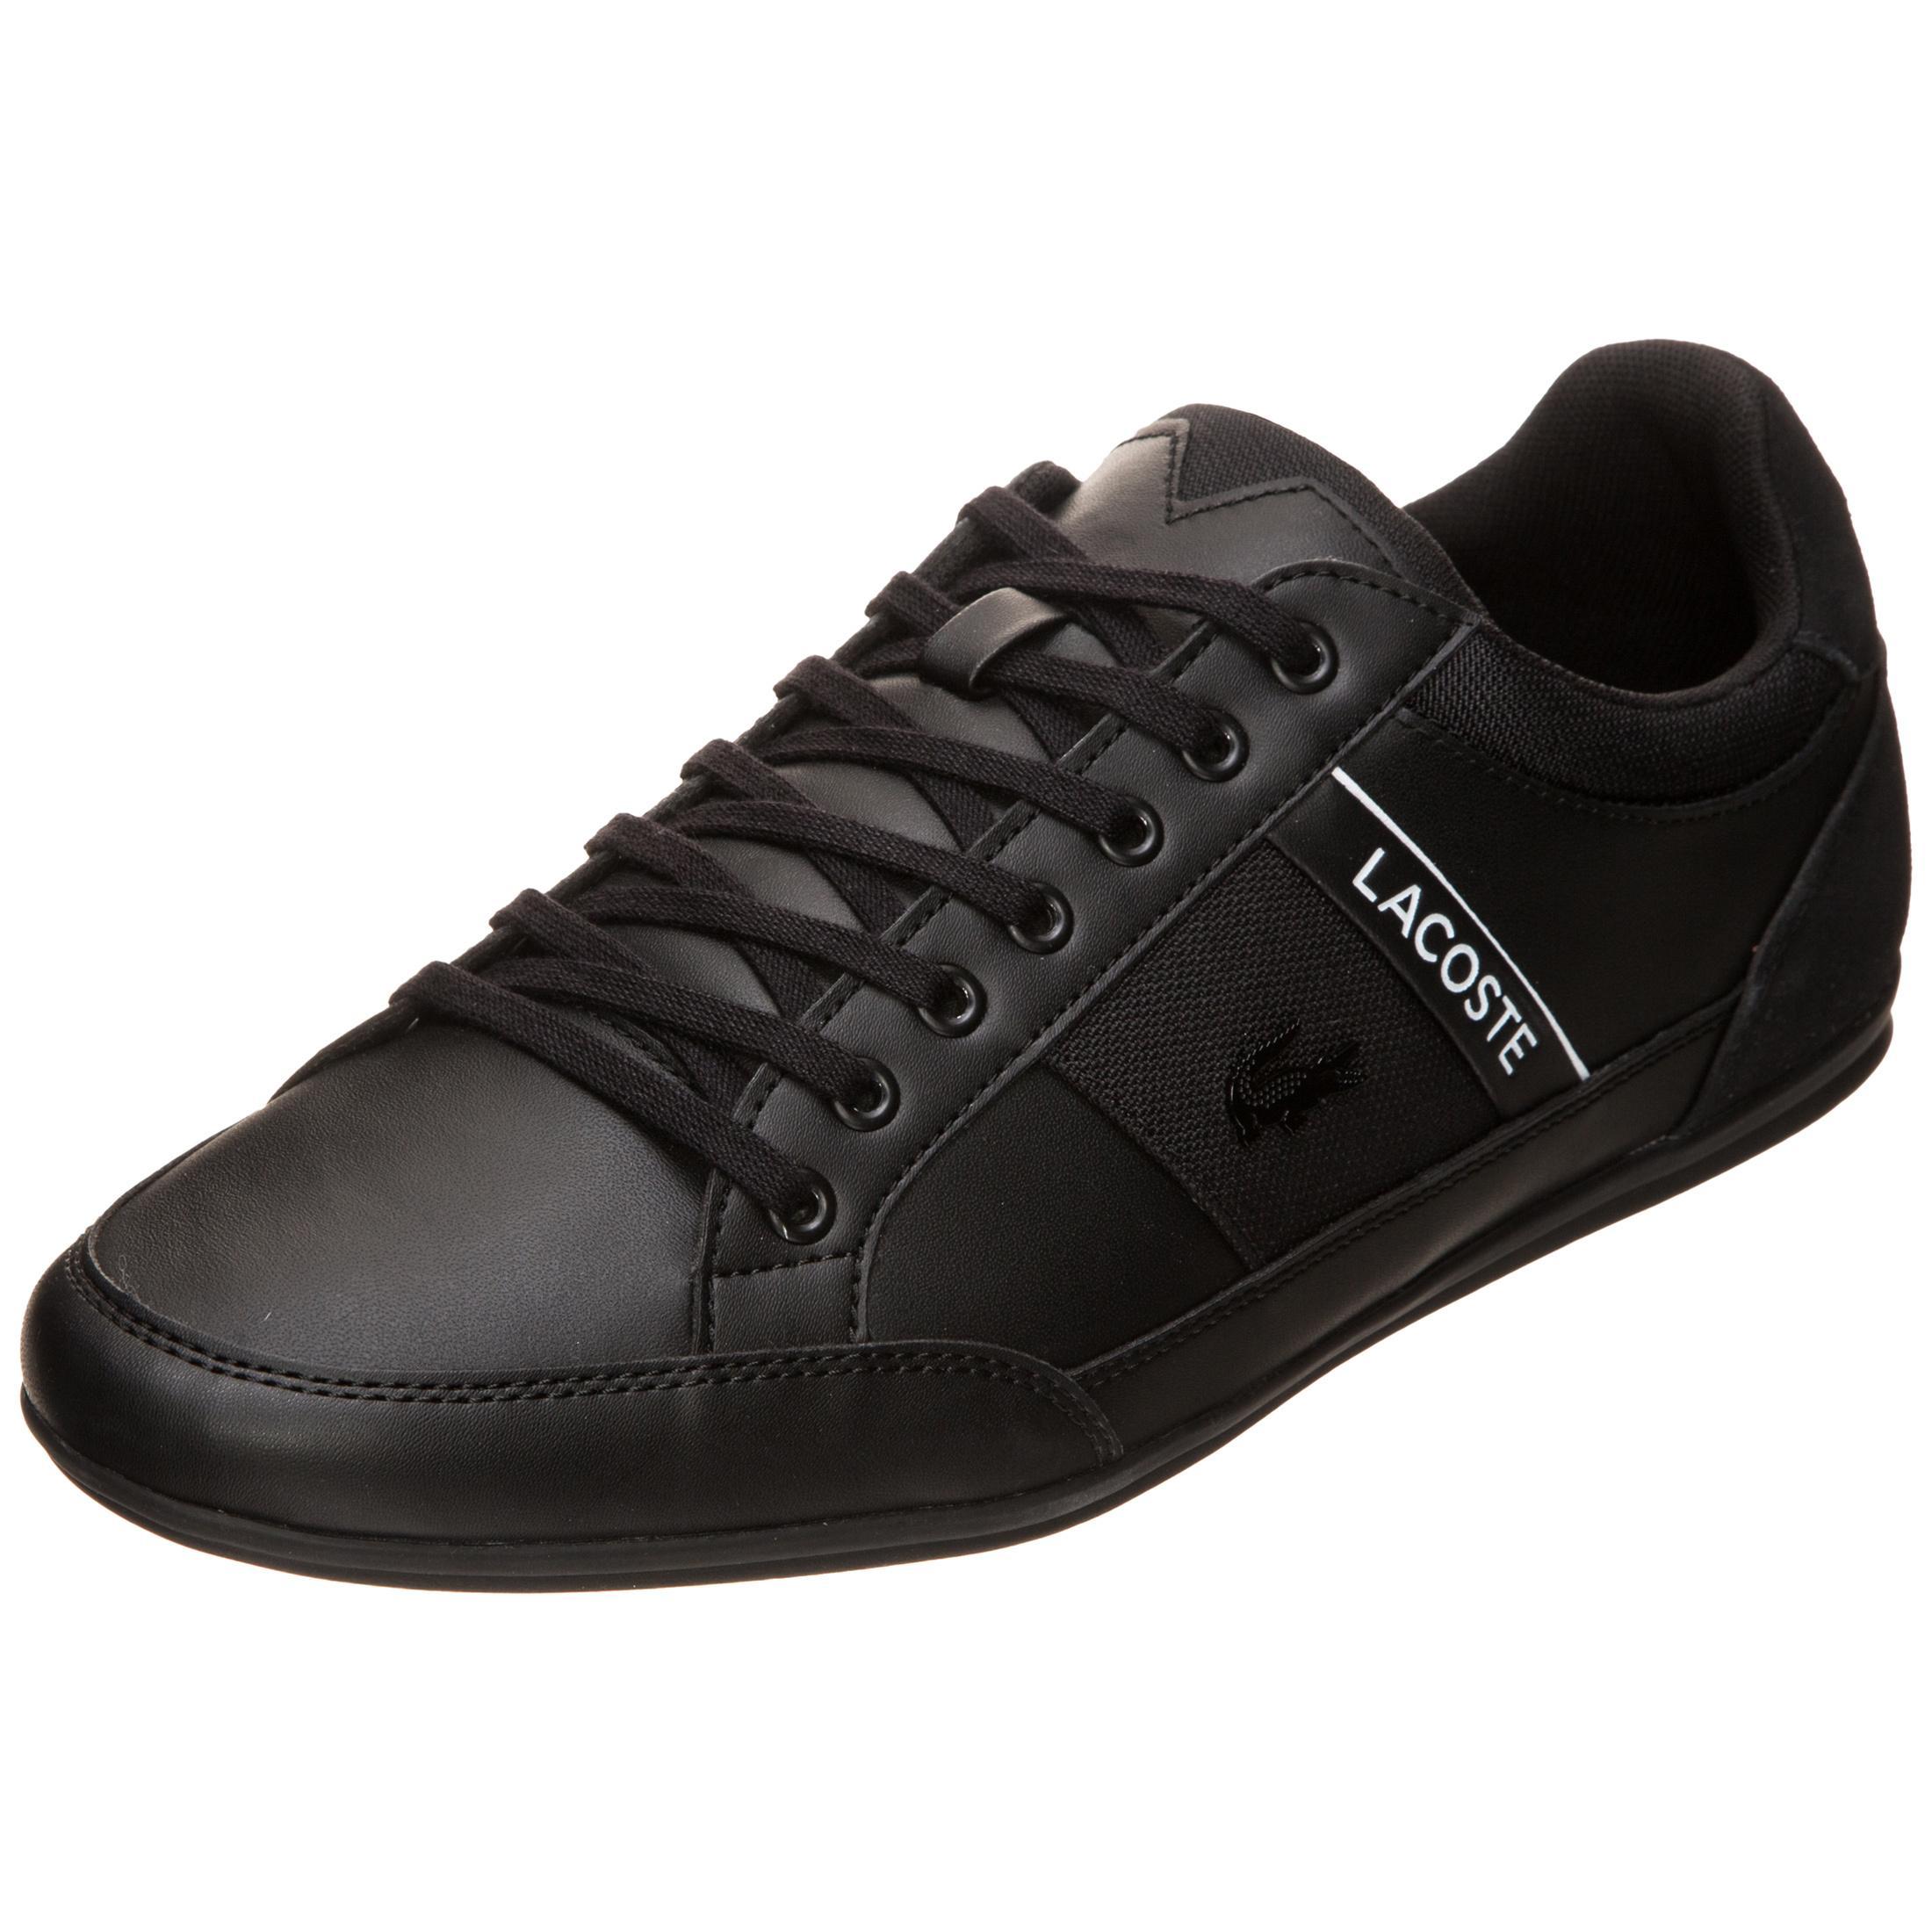 Lacoste Chaymon Turnschuhe Herren schwarz schwarz schwarz   weiß im Online Shop von SportScheck kaufen Gute Qualität beliebte Schuhe 82f85f